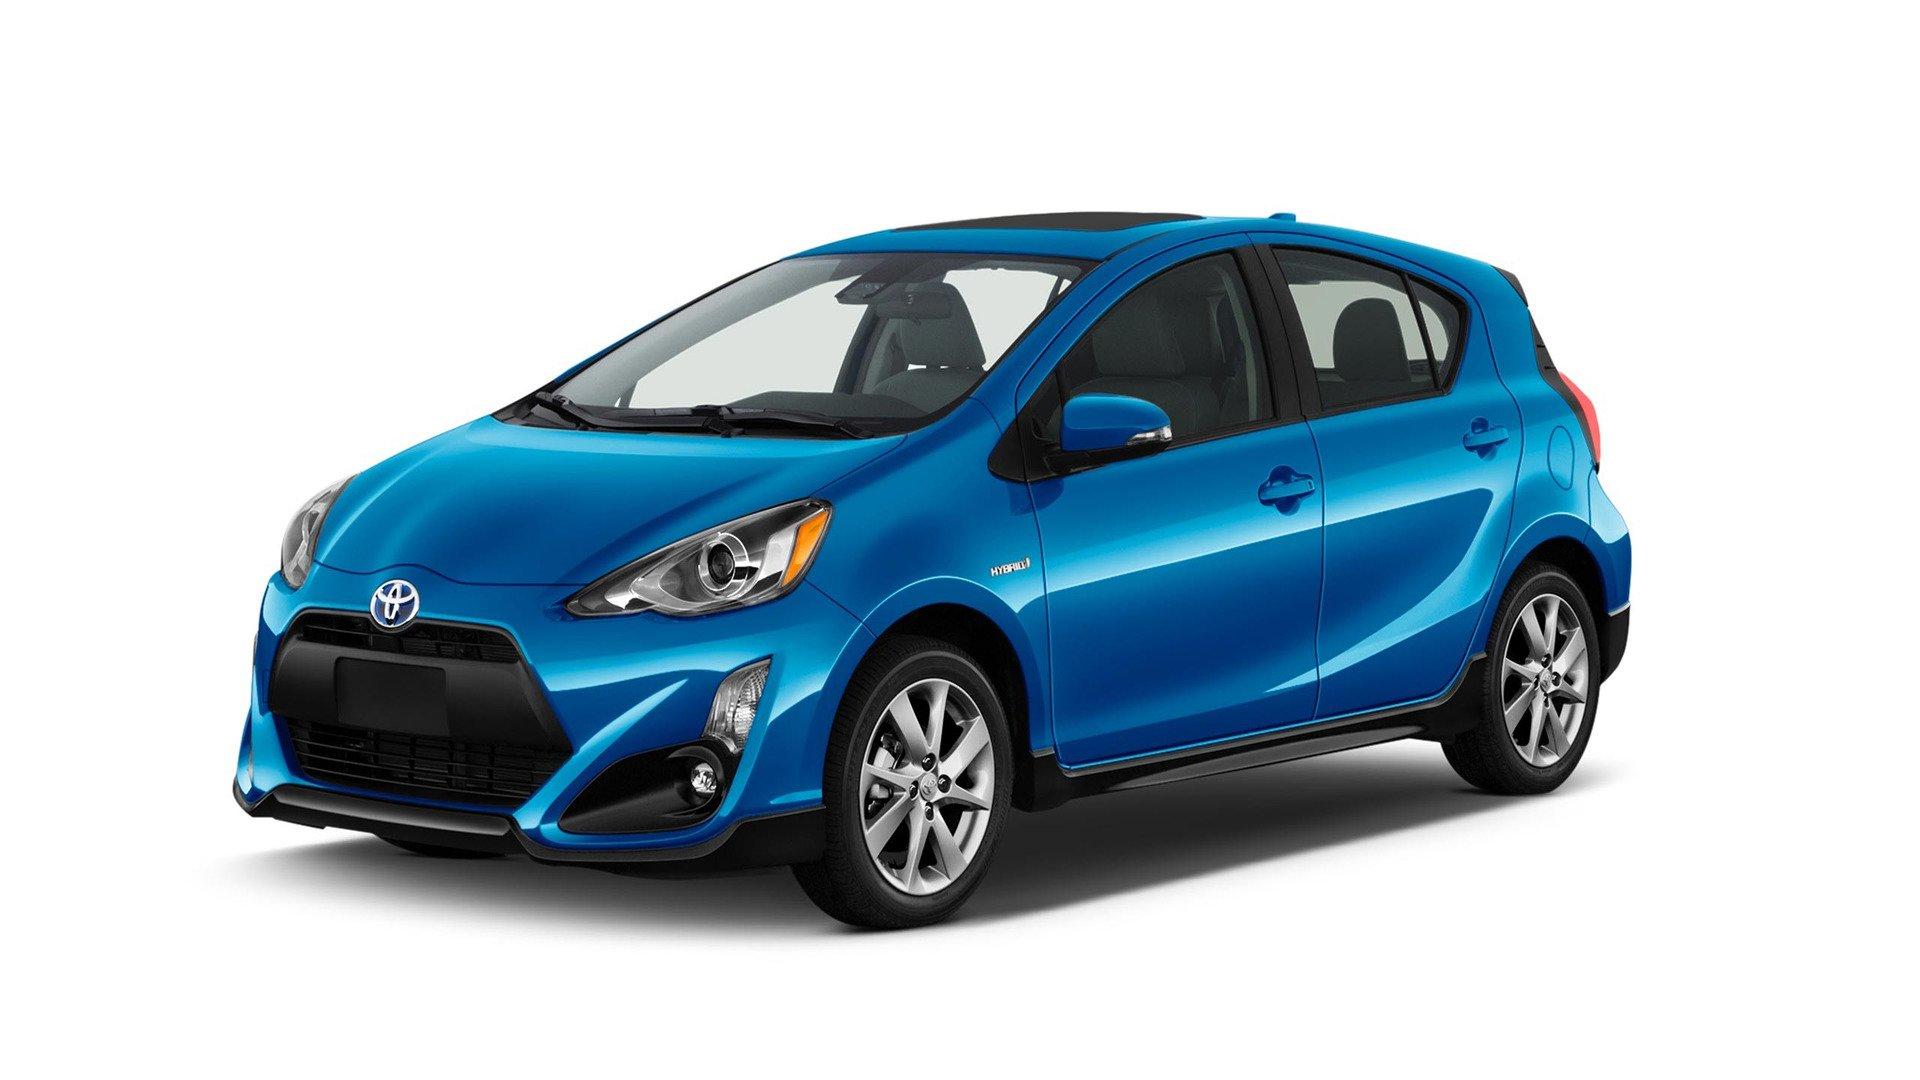 Compare New Car Warranty Australia